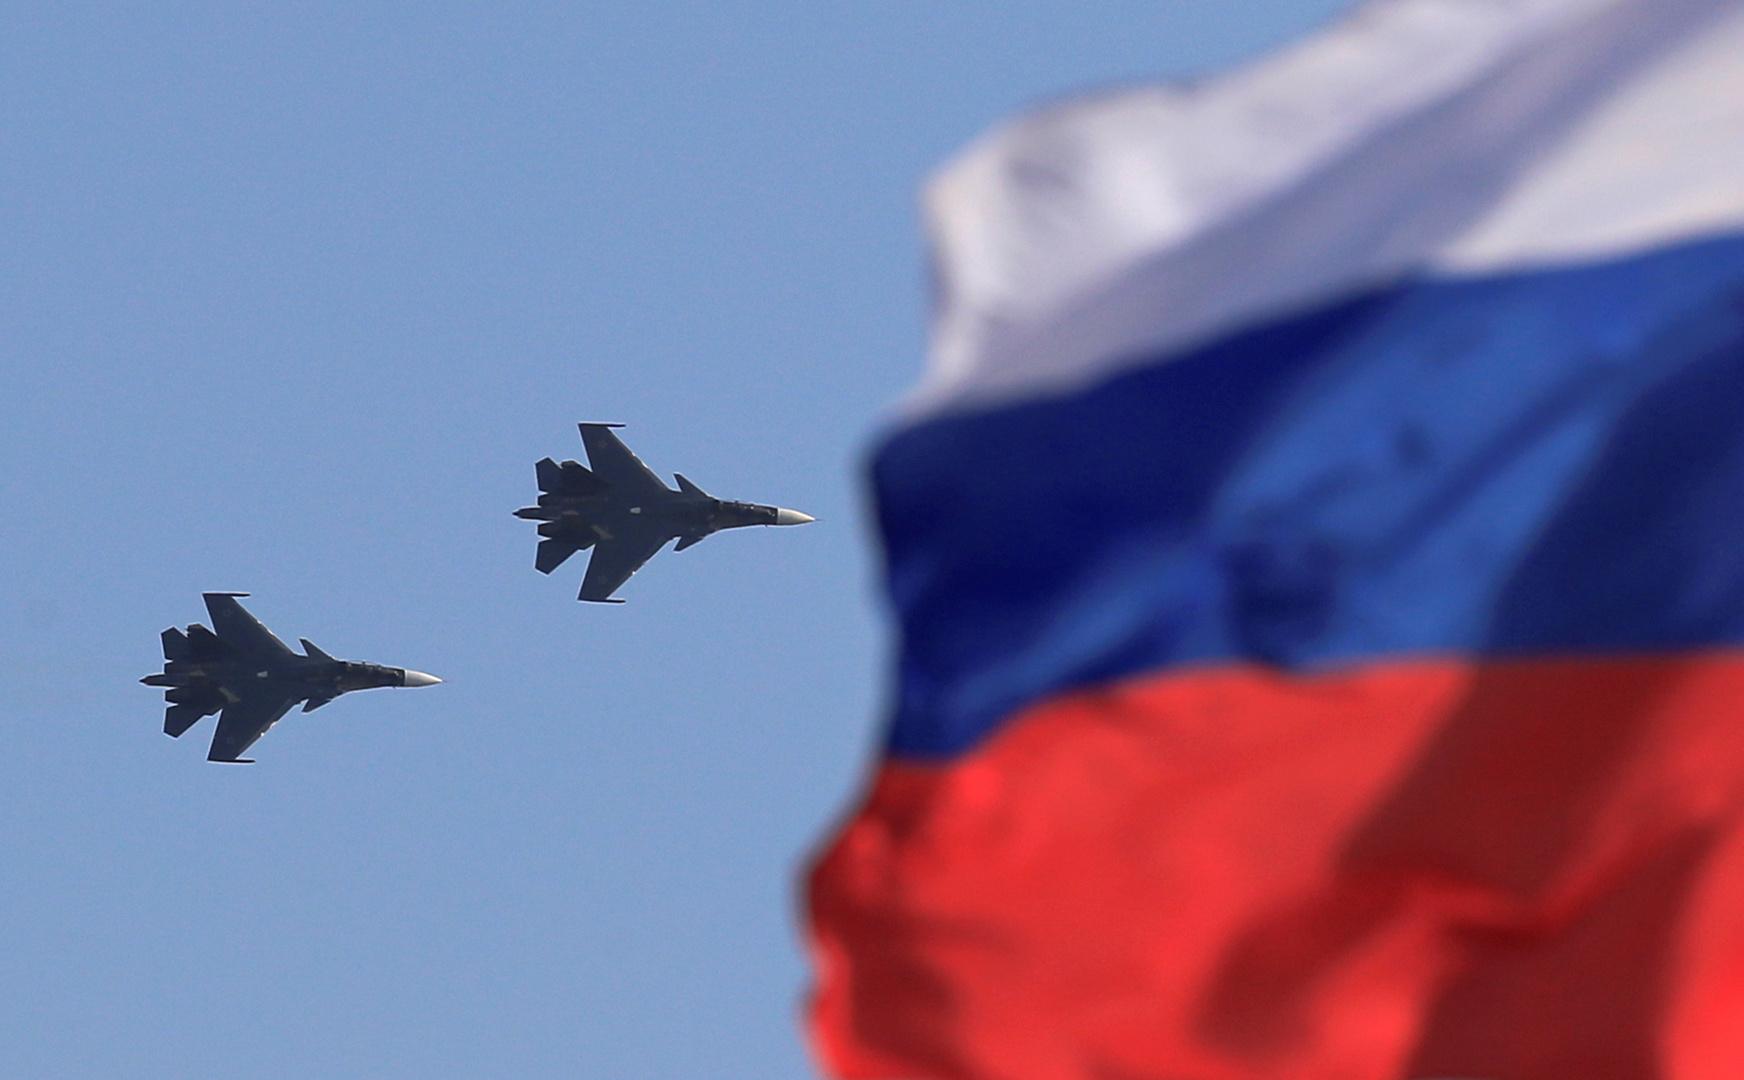 لا تستبعد شراء مقاتلات روسية..  أنقرة: اشترينا إس 400 لحماية تركيا